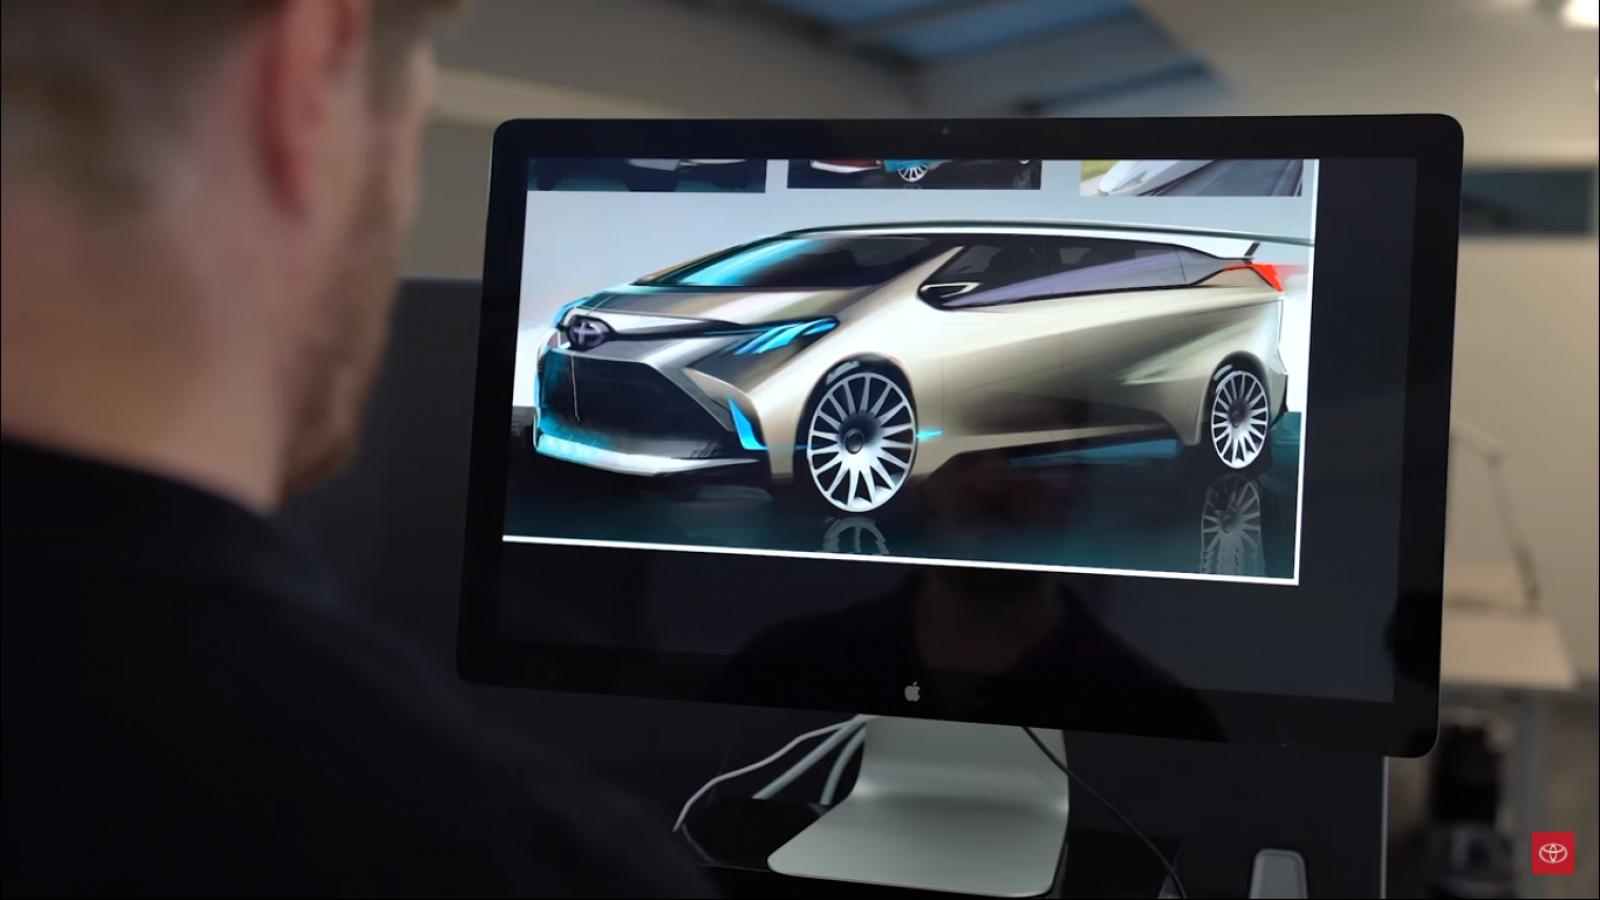 Thiết kế của Toyota Sienna 2021 lấy cảm hứng từ những chiếc tàu cao tốc Nhật Bản